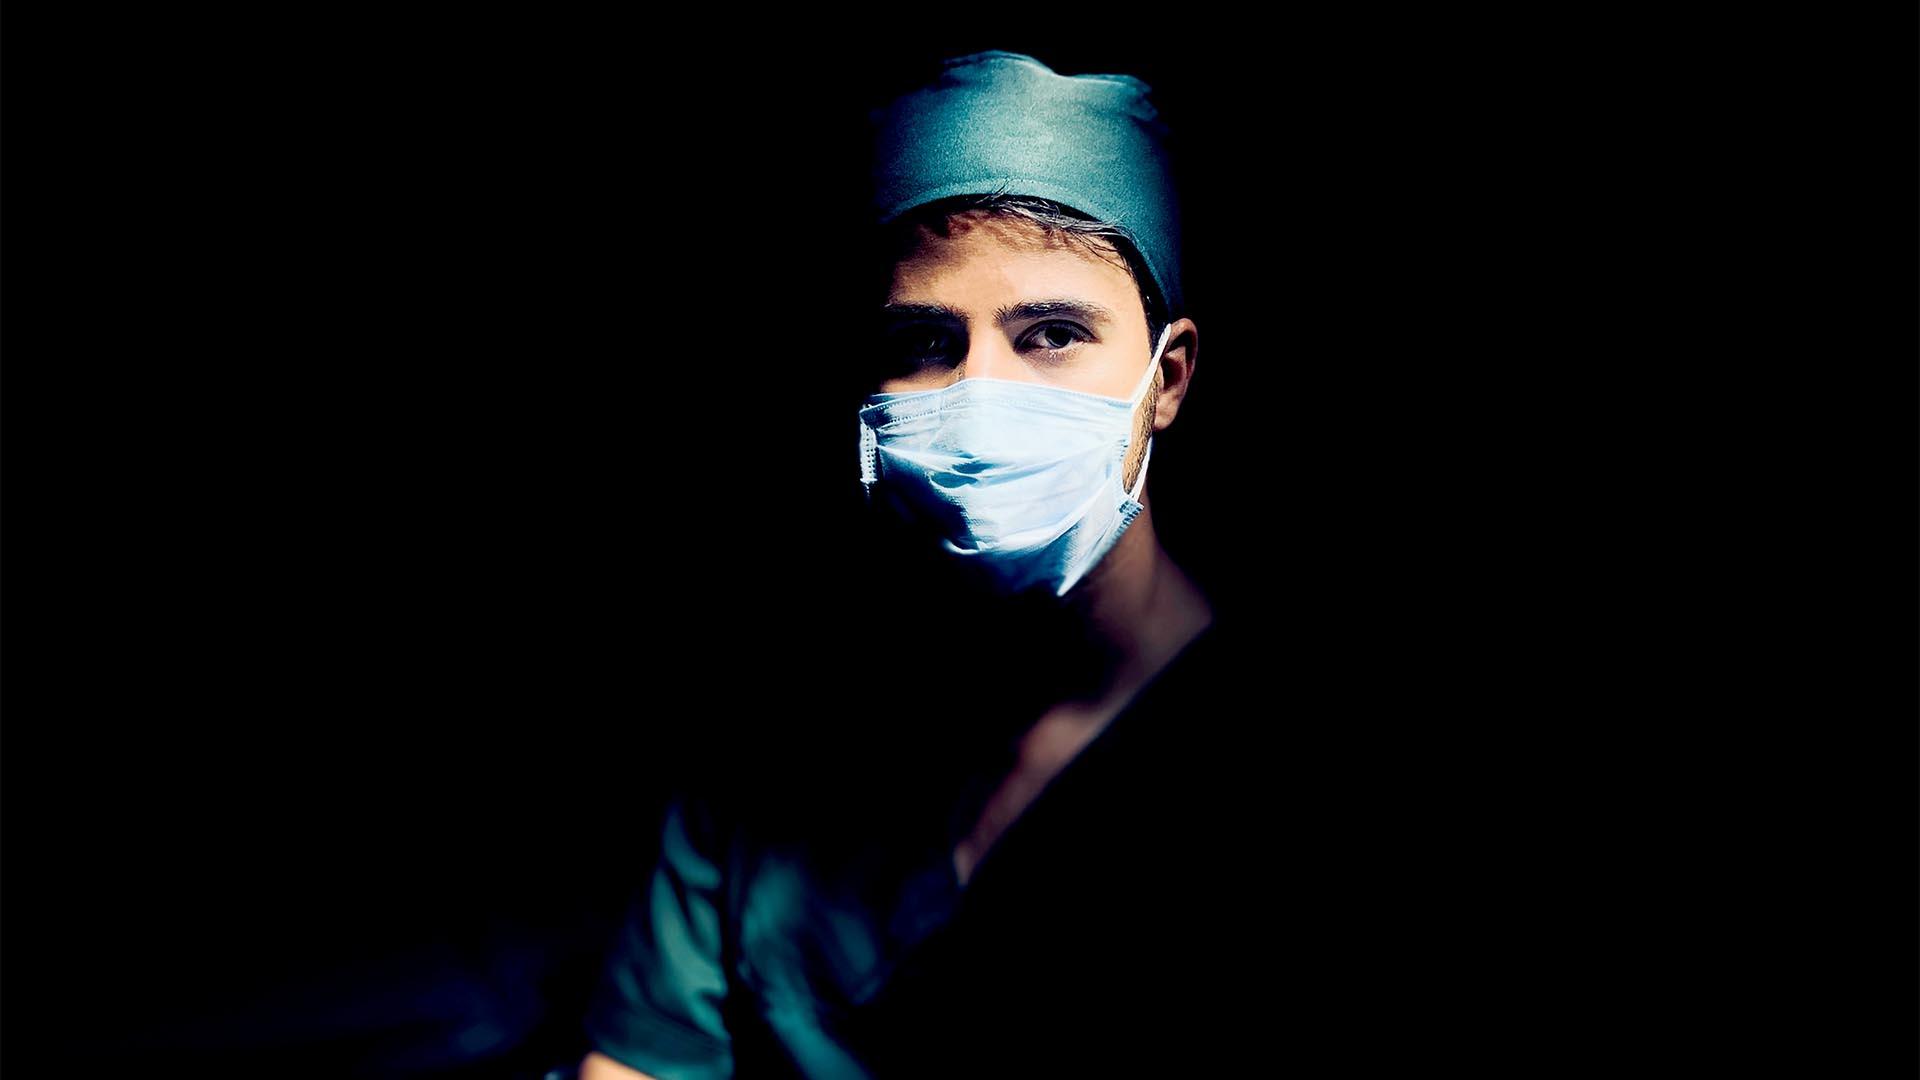 Arzt mit Maske vor dunklem Hintergrund